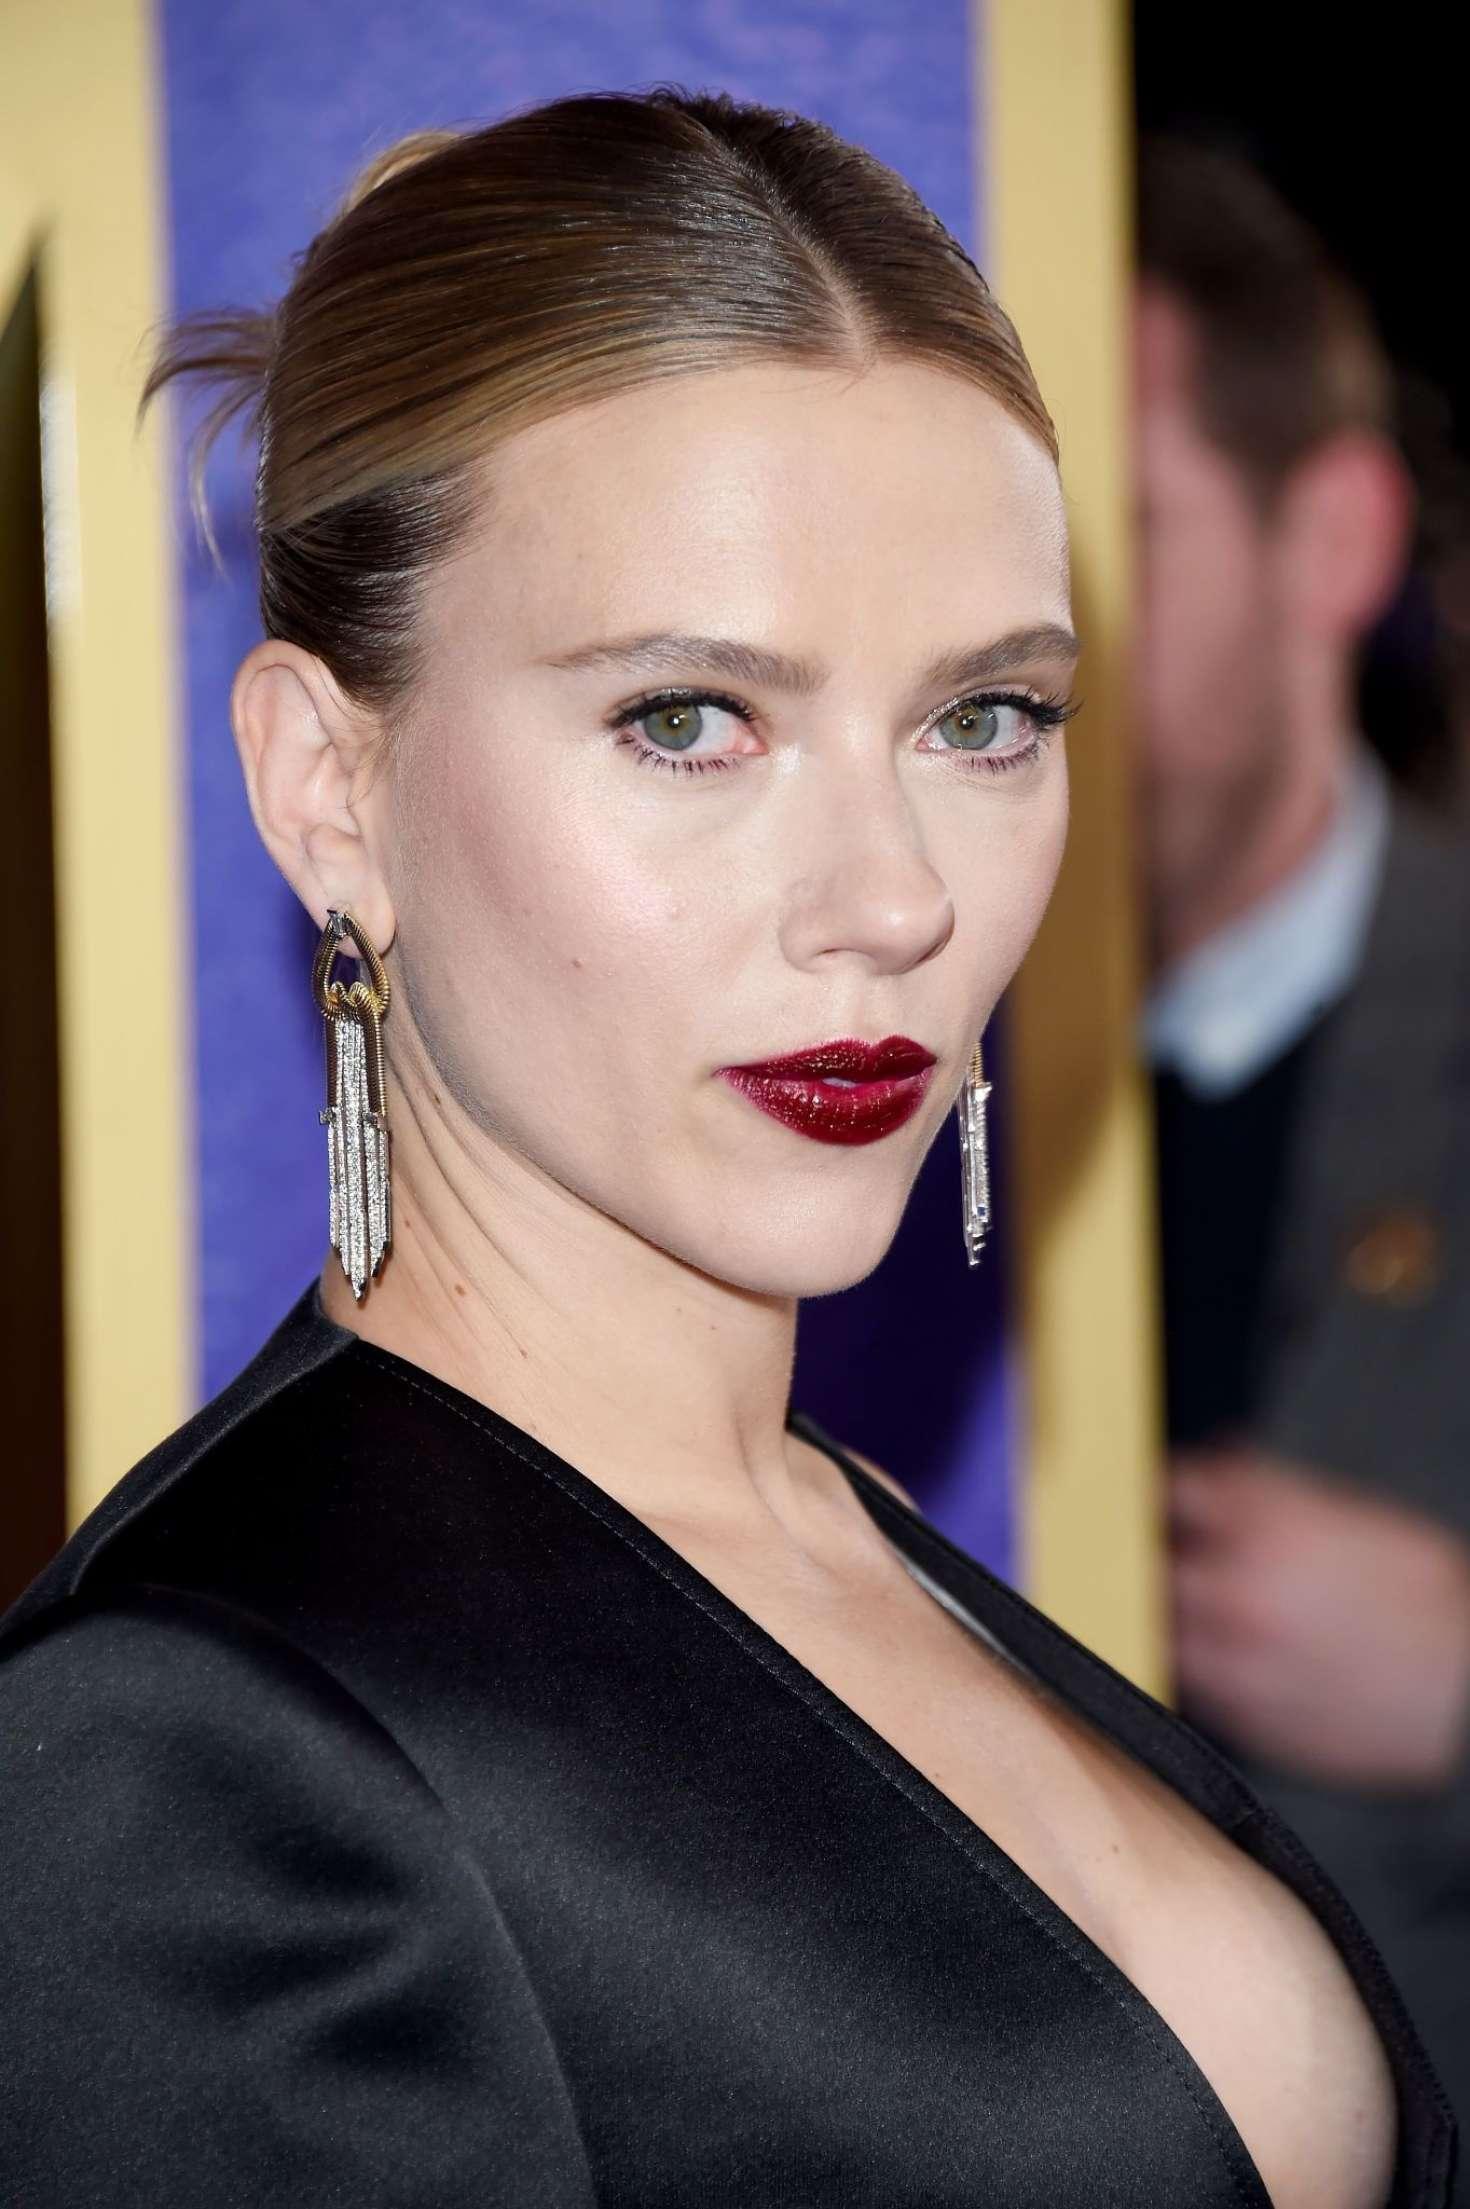 Scarlett Johansson Avengers Endgame Uk Fan Event 04 Gotceleb